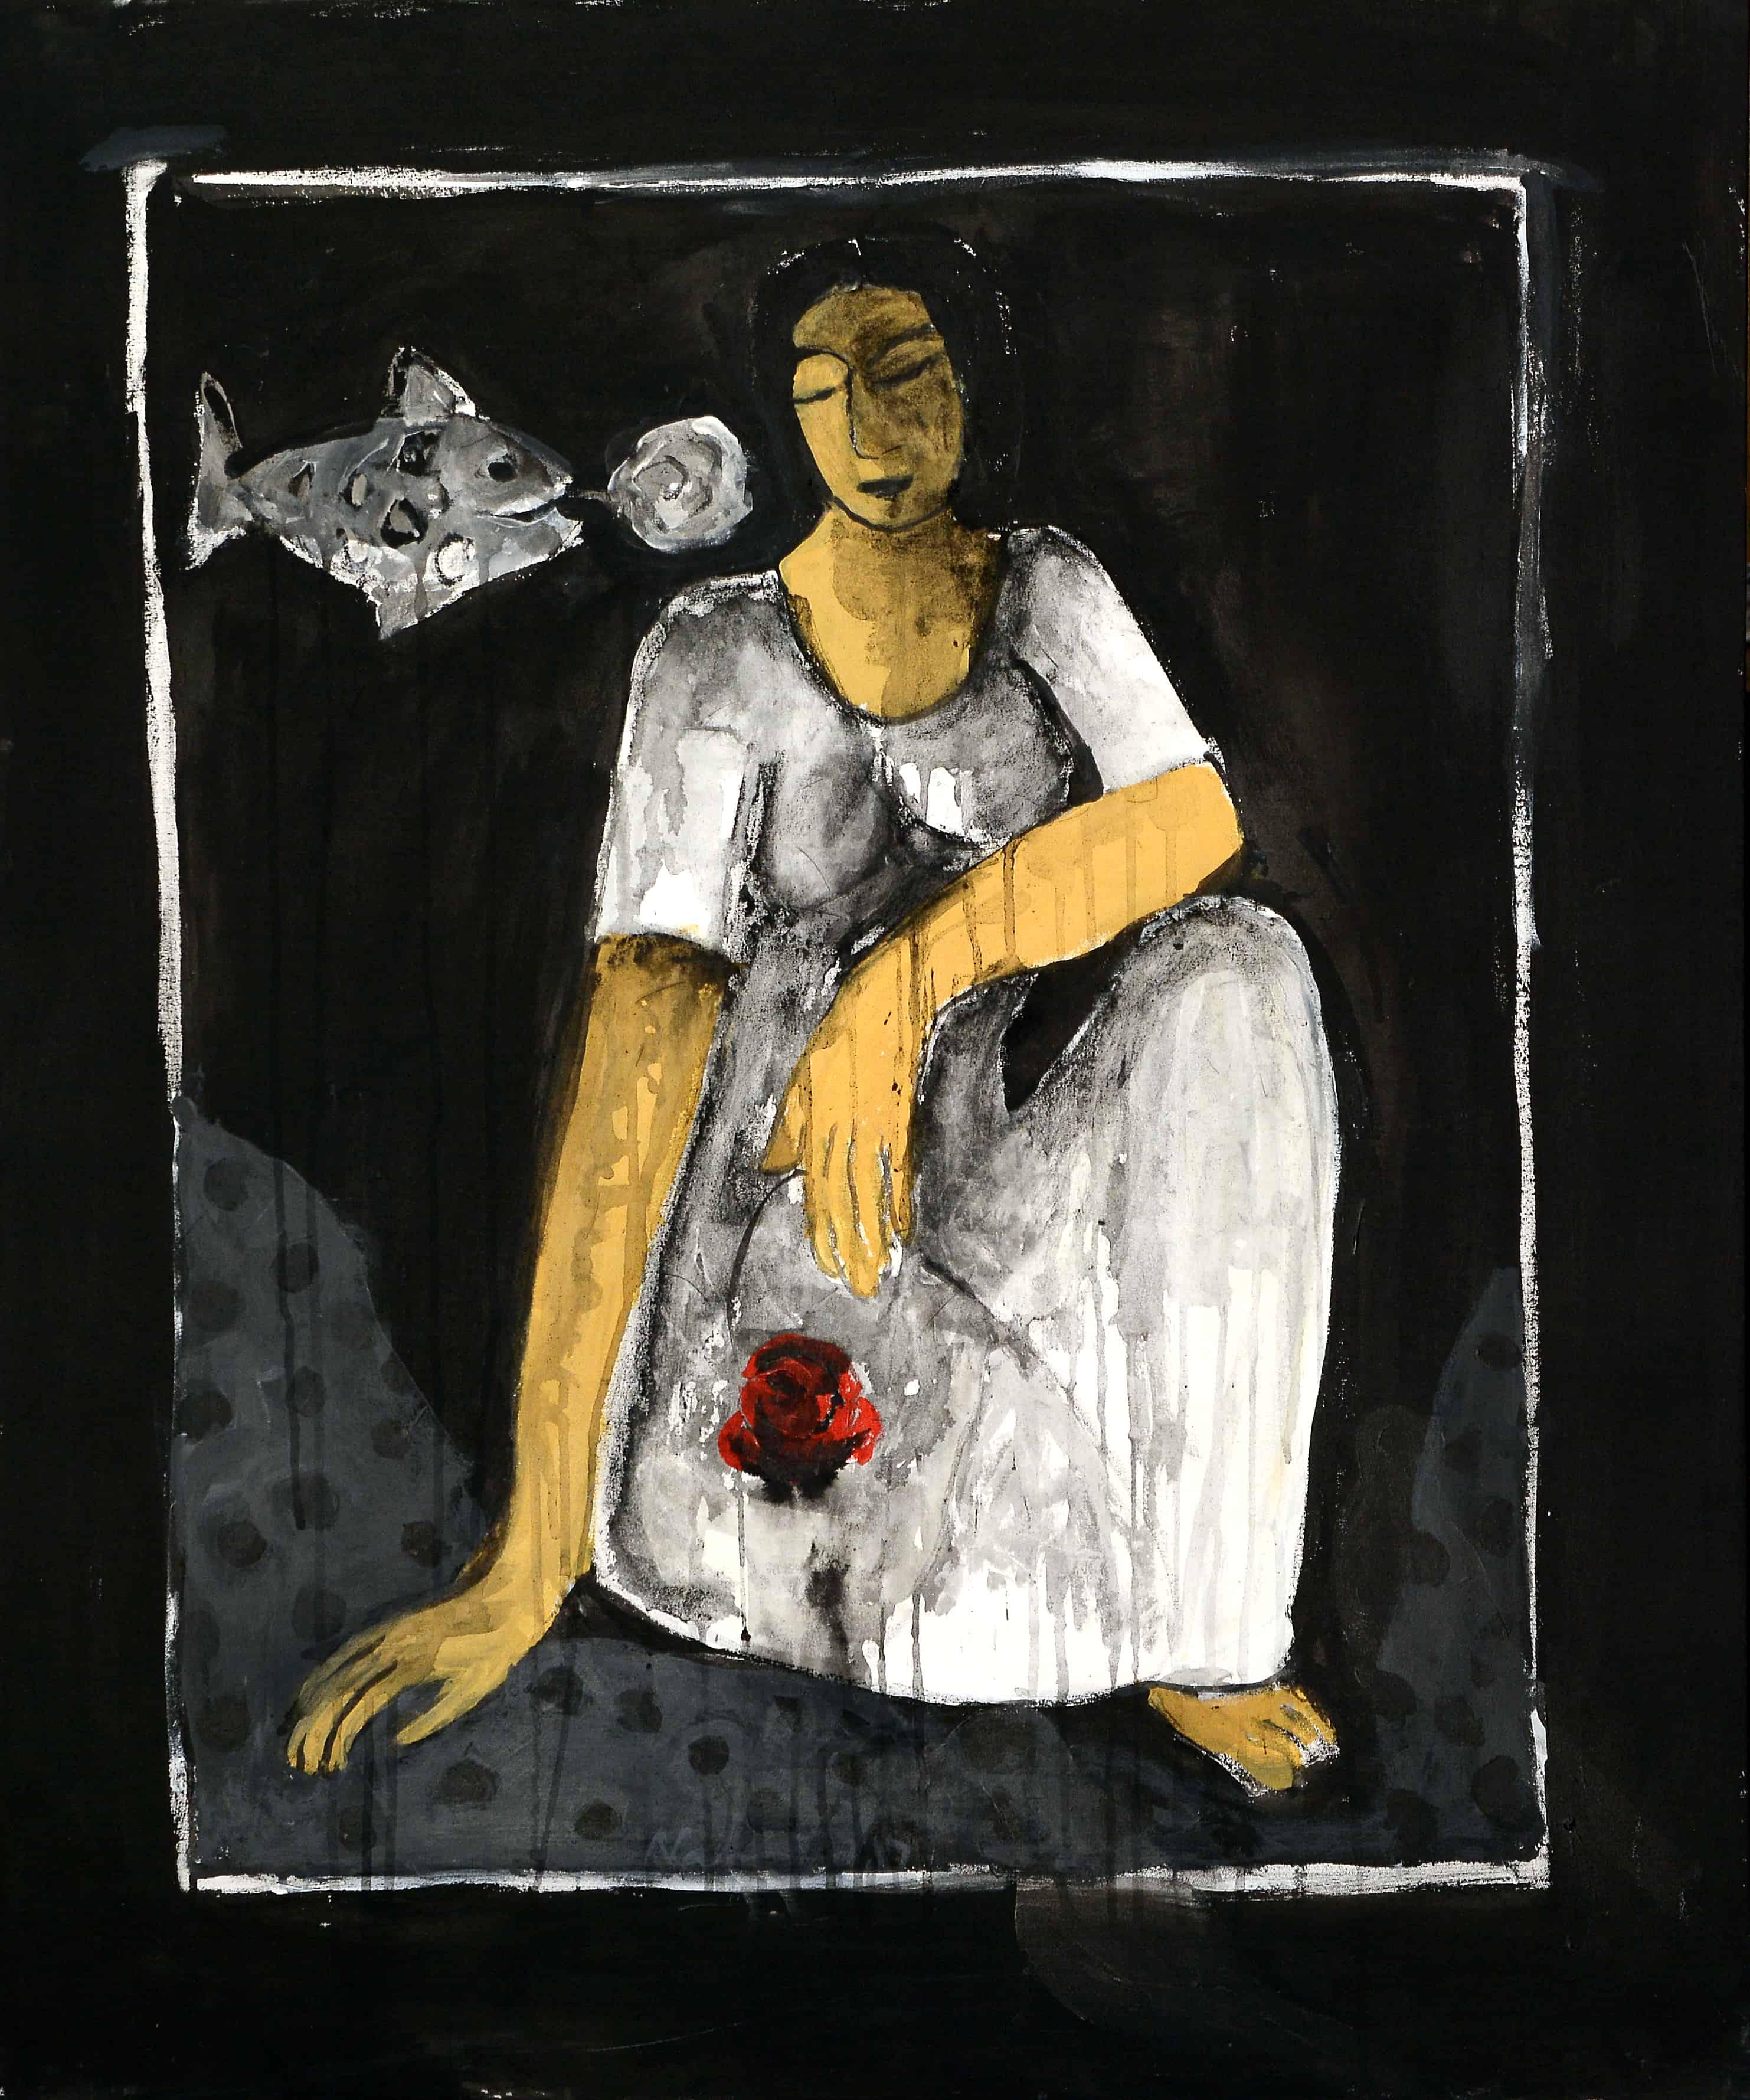 Acrylic Painting by Pakistani Artist Nahid Raza Size 30 x 36